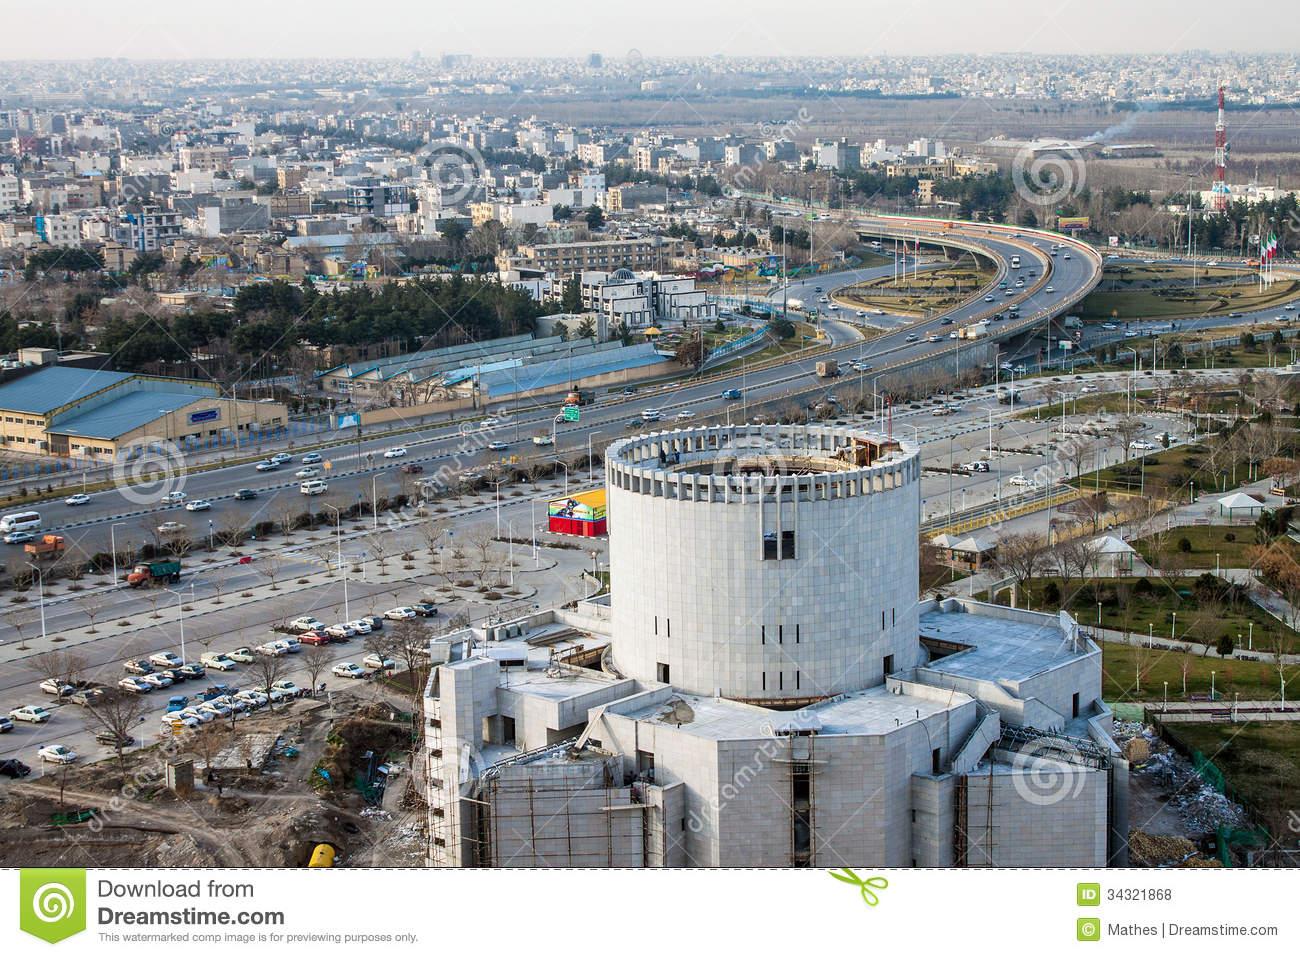 Top experiences in Mashhad